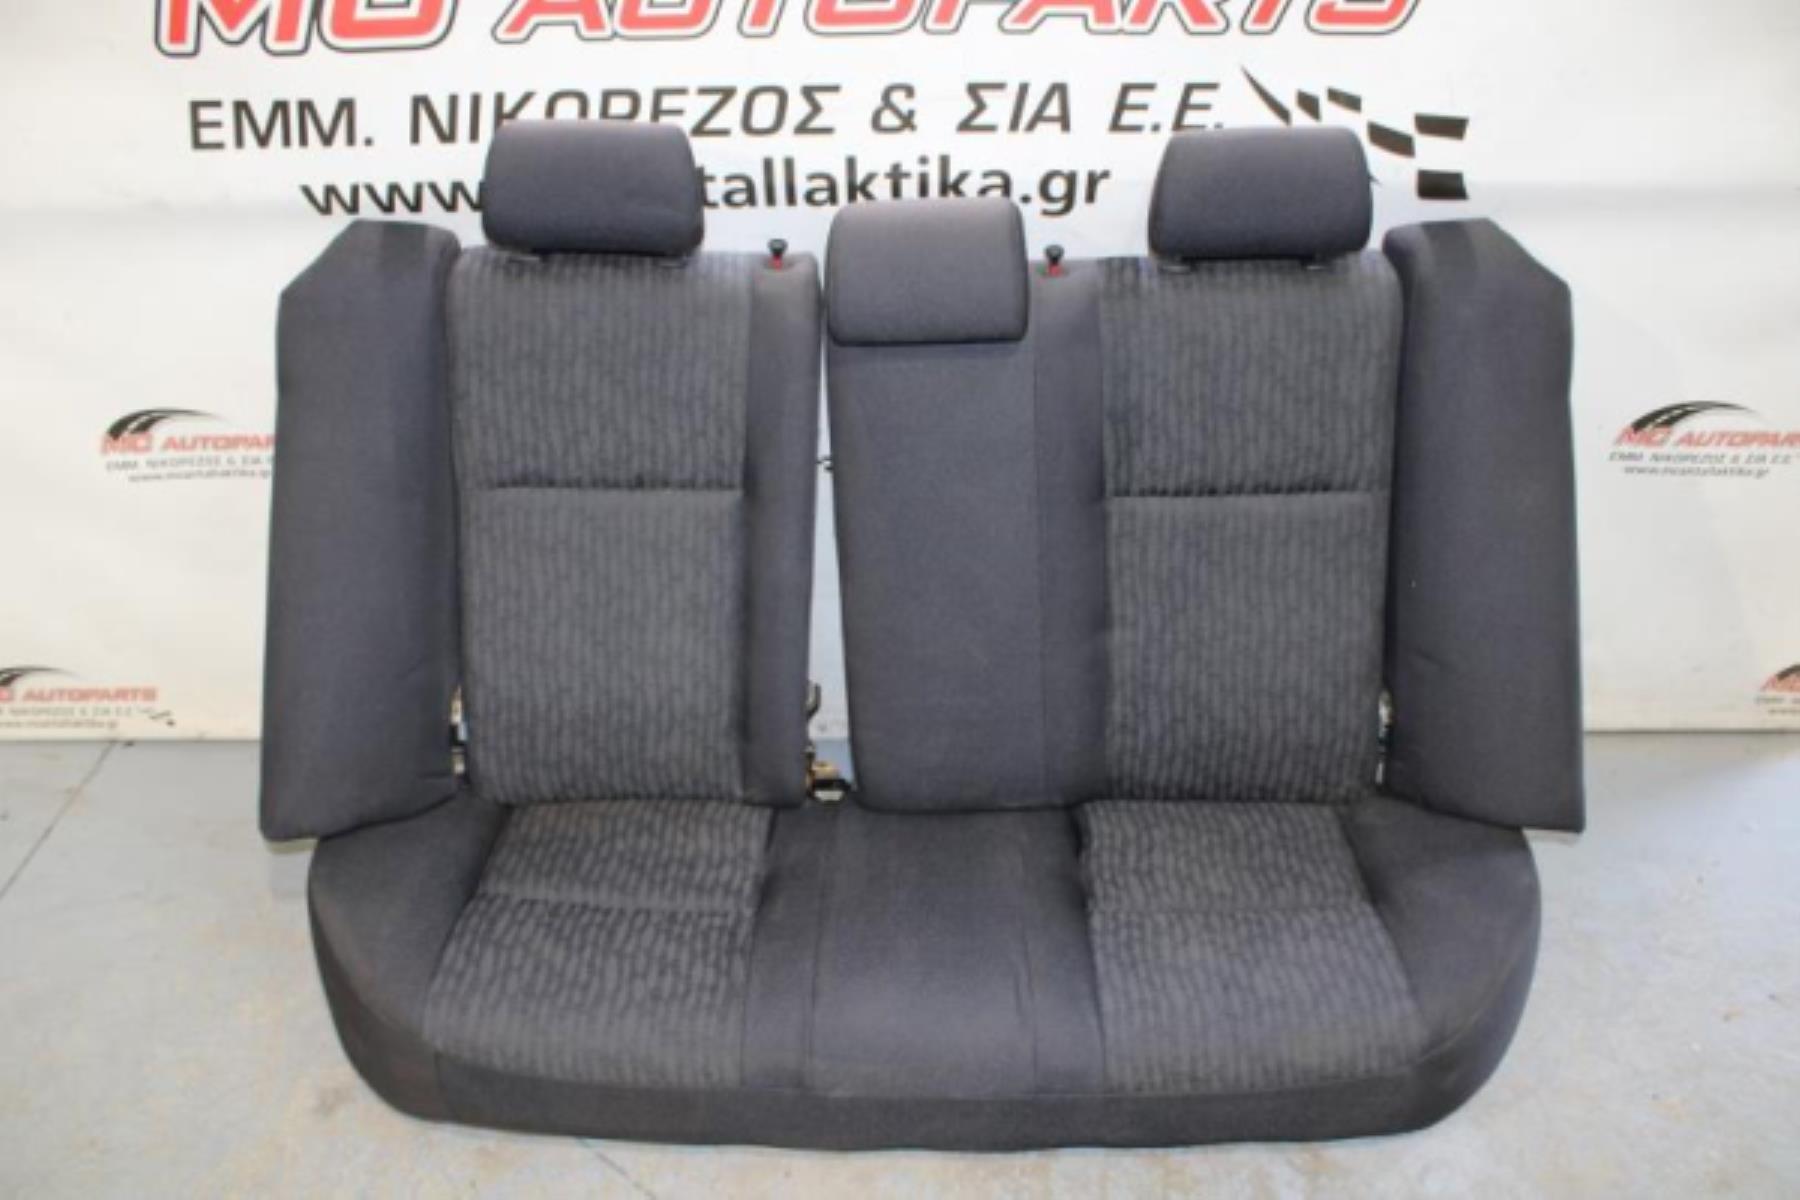 Εικόνα από Σαλόνι  TOYOTA COROLLA (2002-2007)     4πορτο sedan μαύρο γκρί ύφασμα